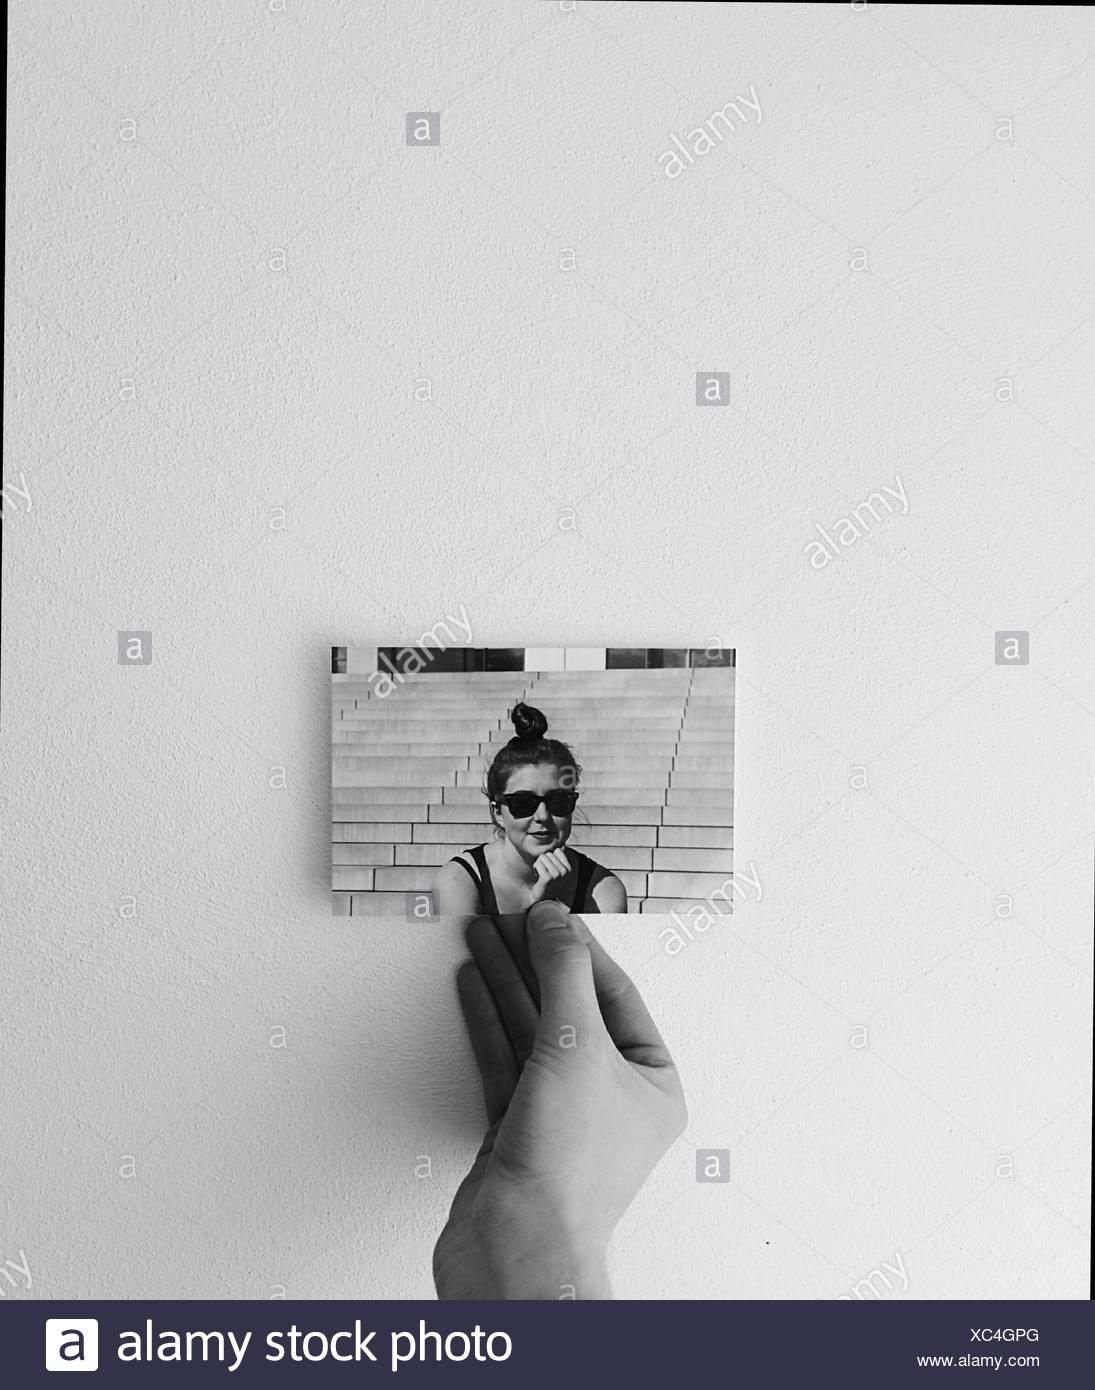 Primer plano de la mano que sujeta la fotografía de una mujer Imagen De Stock